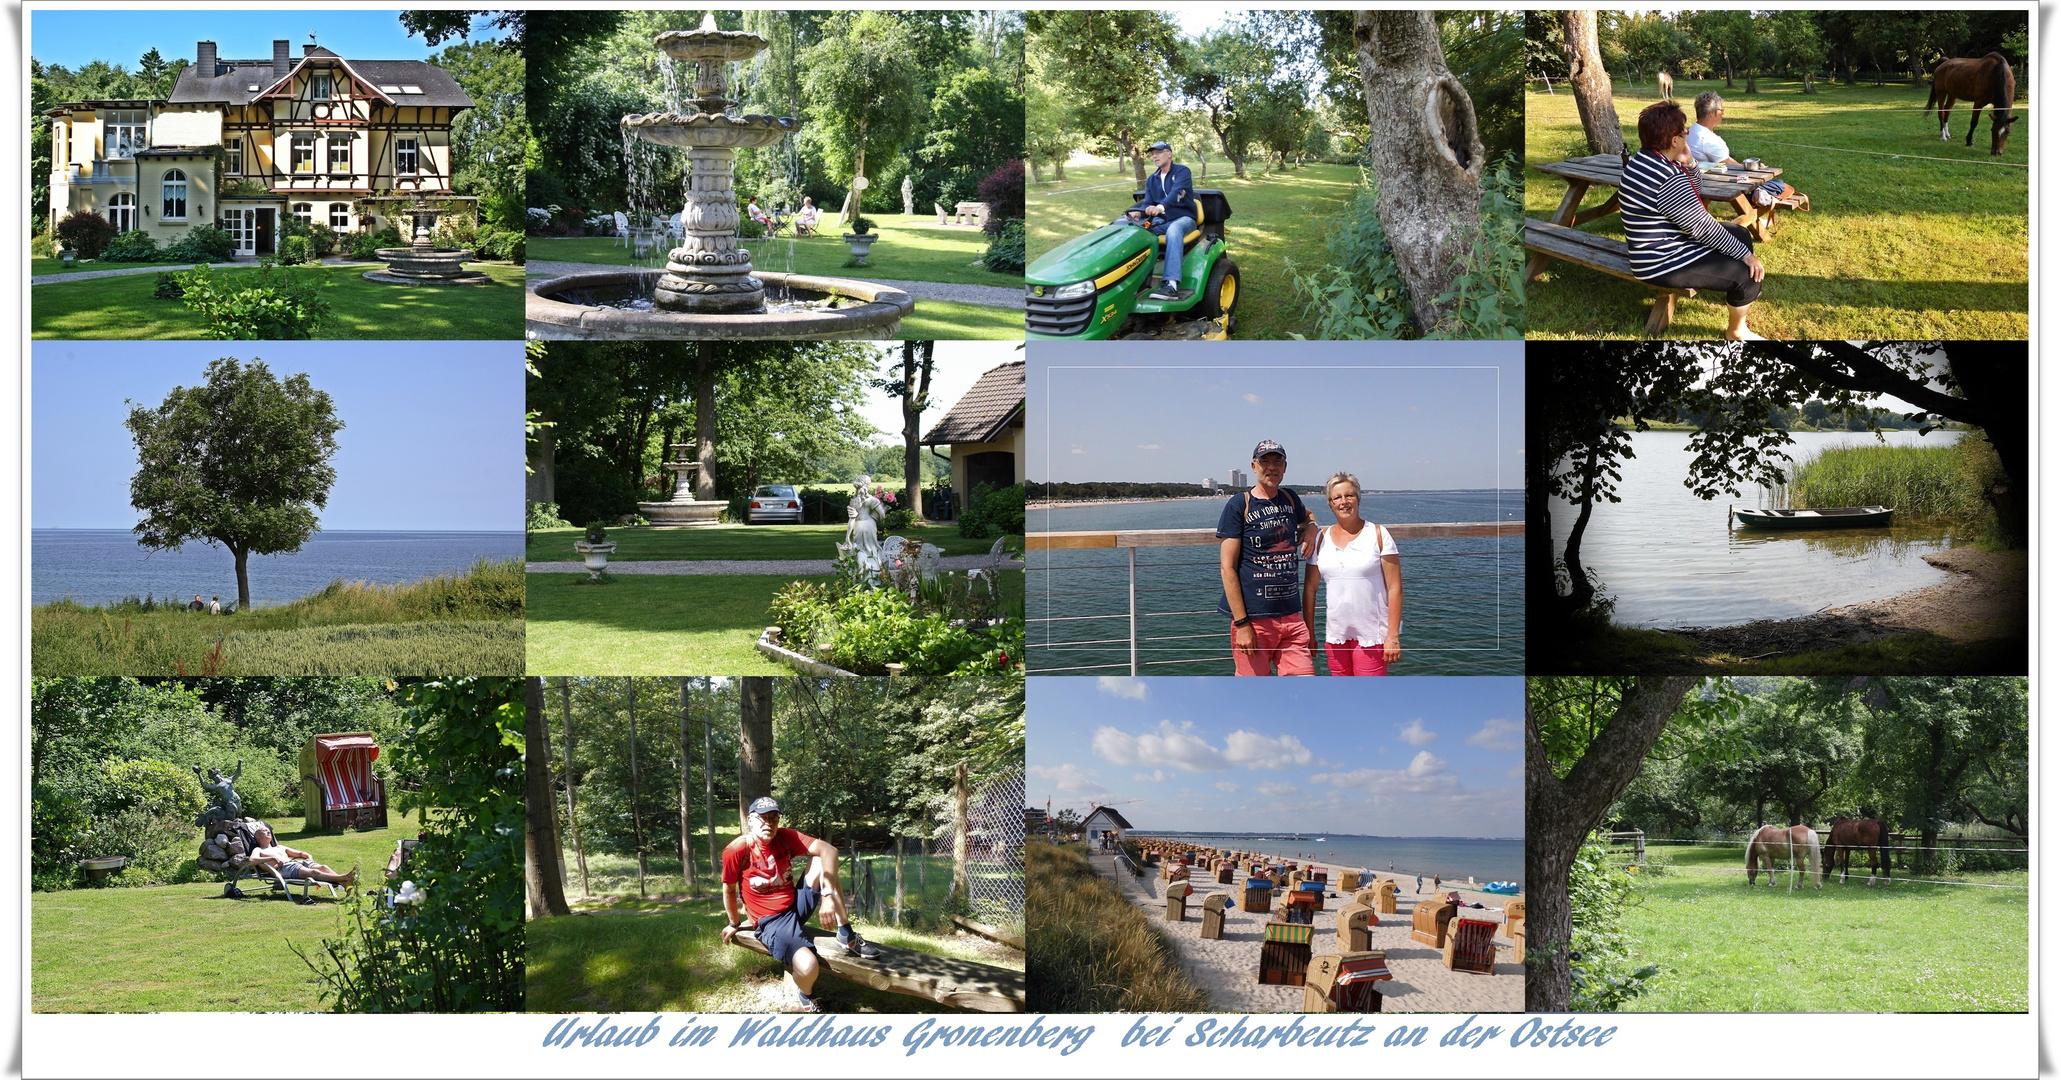 Urlaub im Waldhaus Gronenberg an der Ostsee